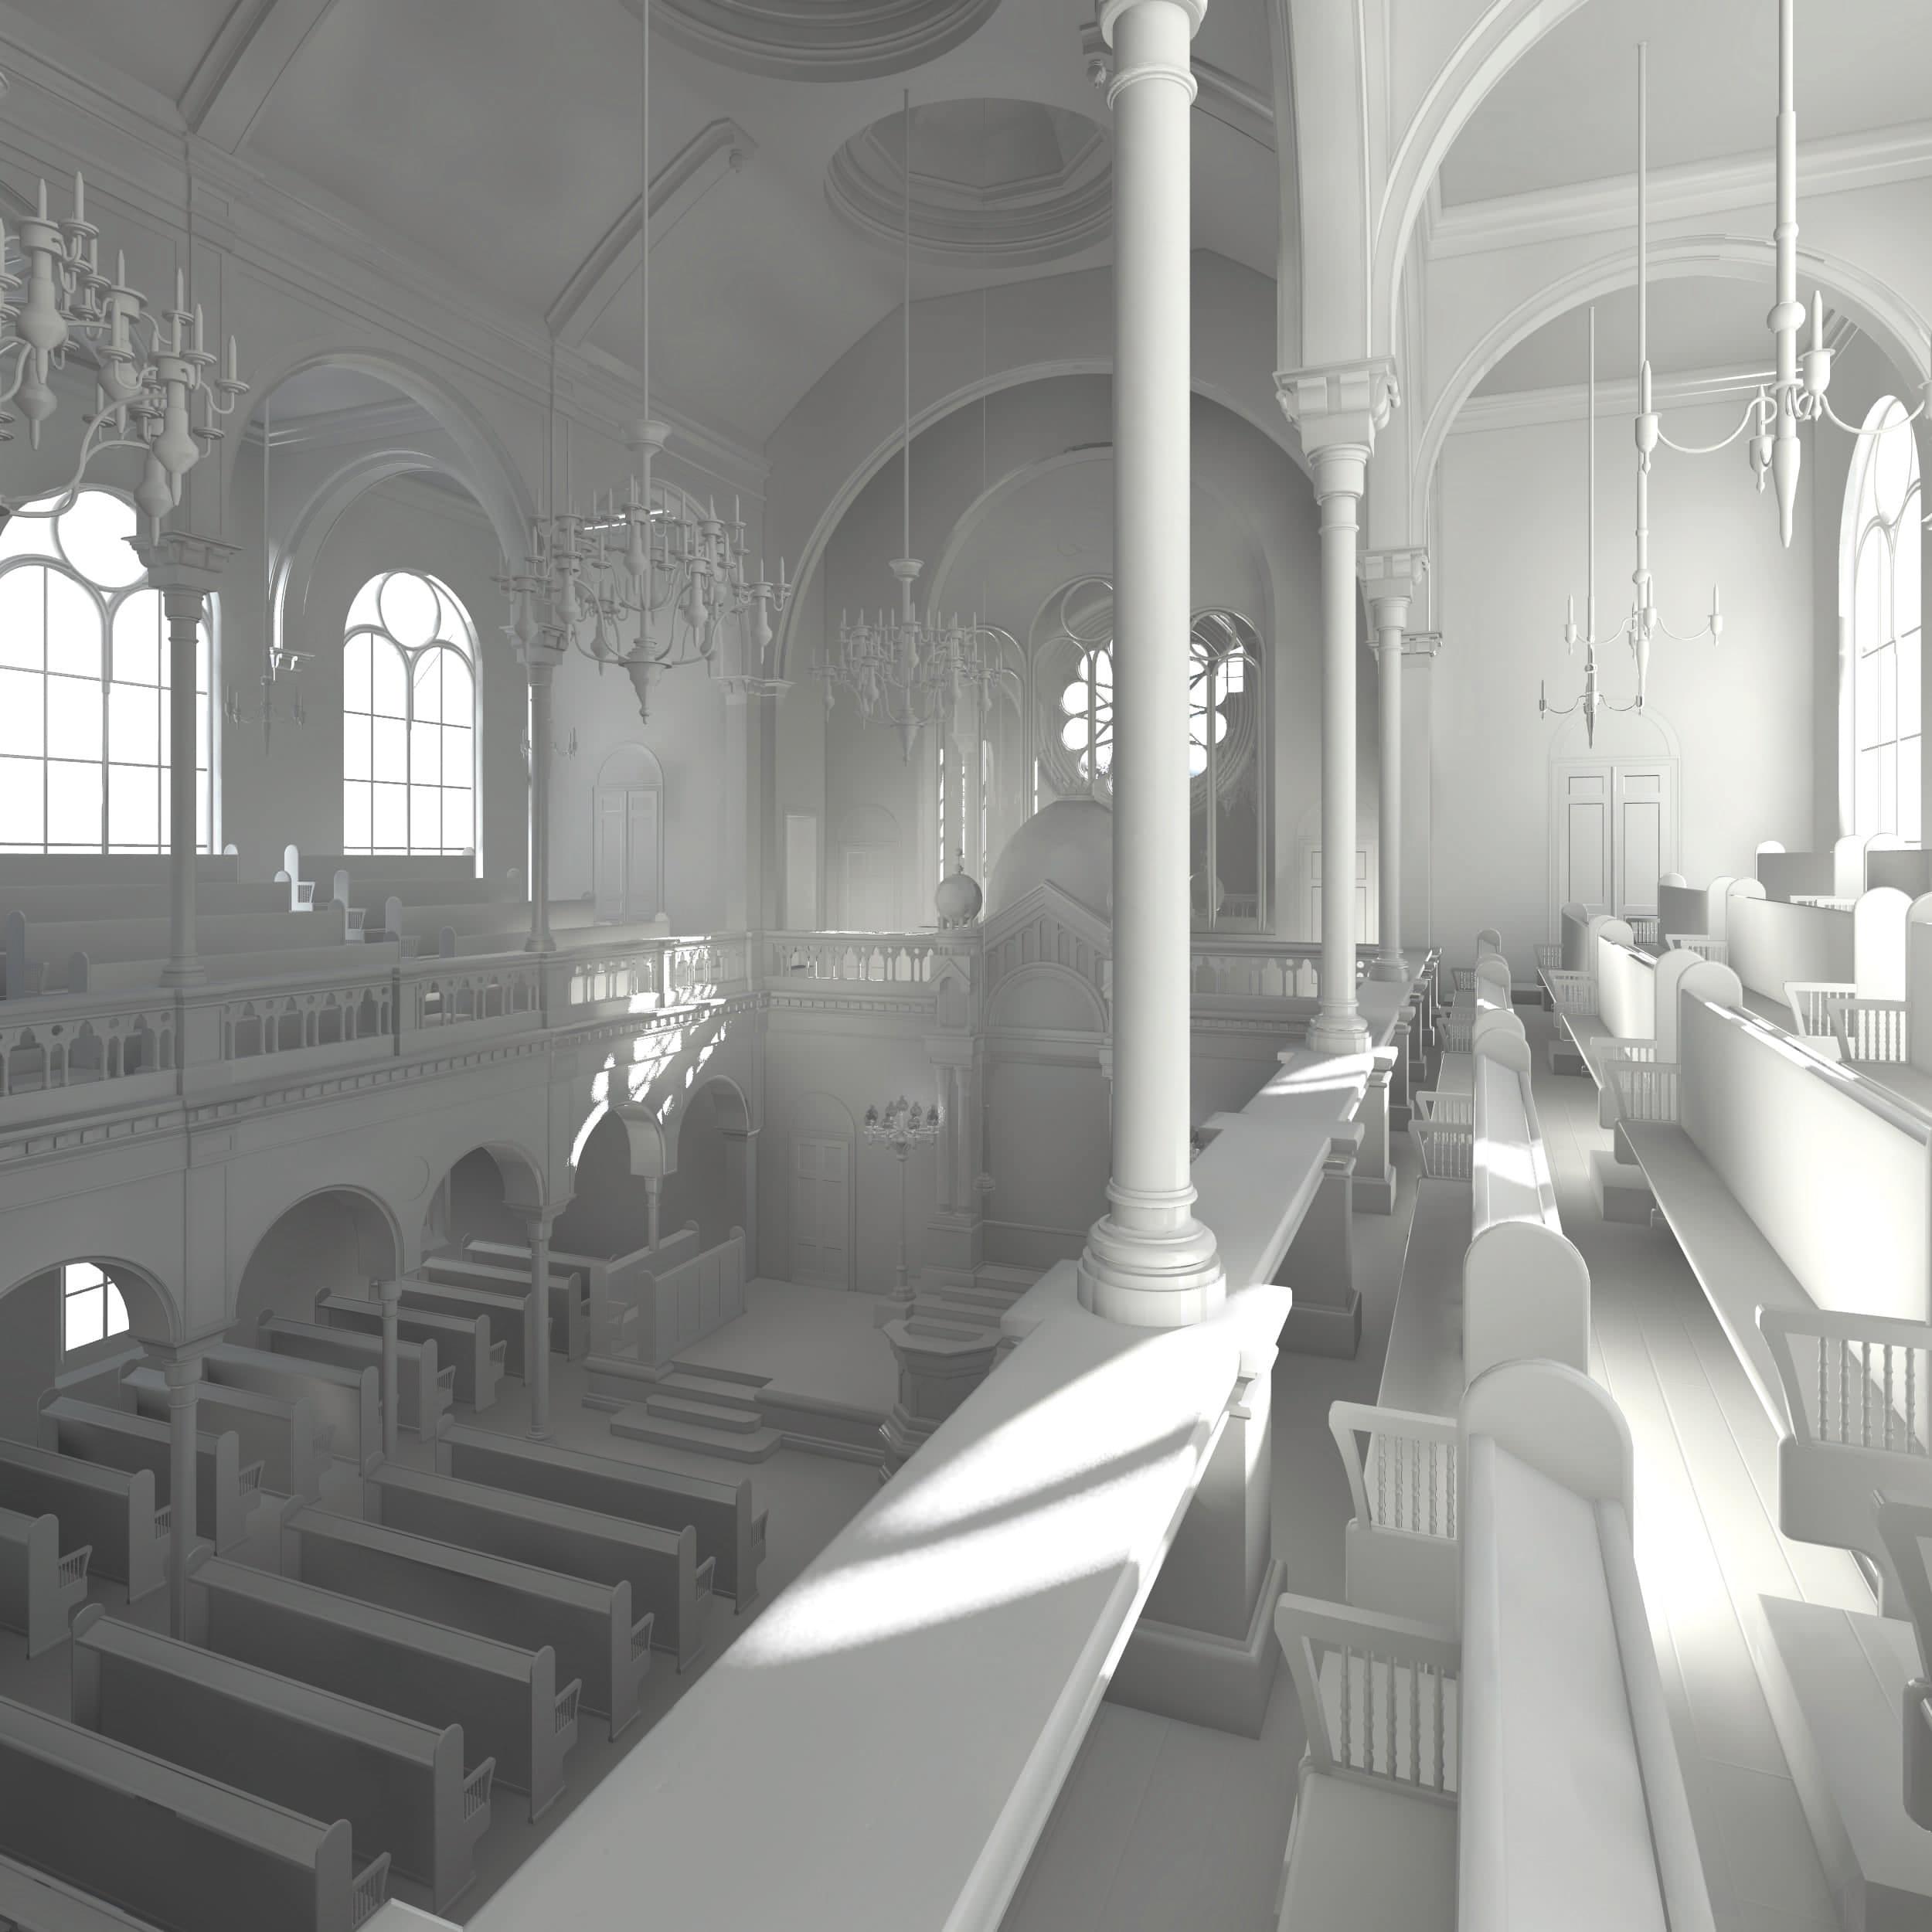 Visualisierung der Synagoge Marienbad, Innenansicht, Frauenemporen, Weißmodell